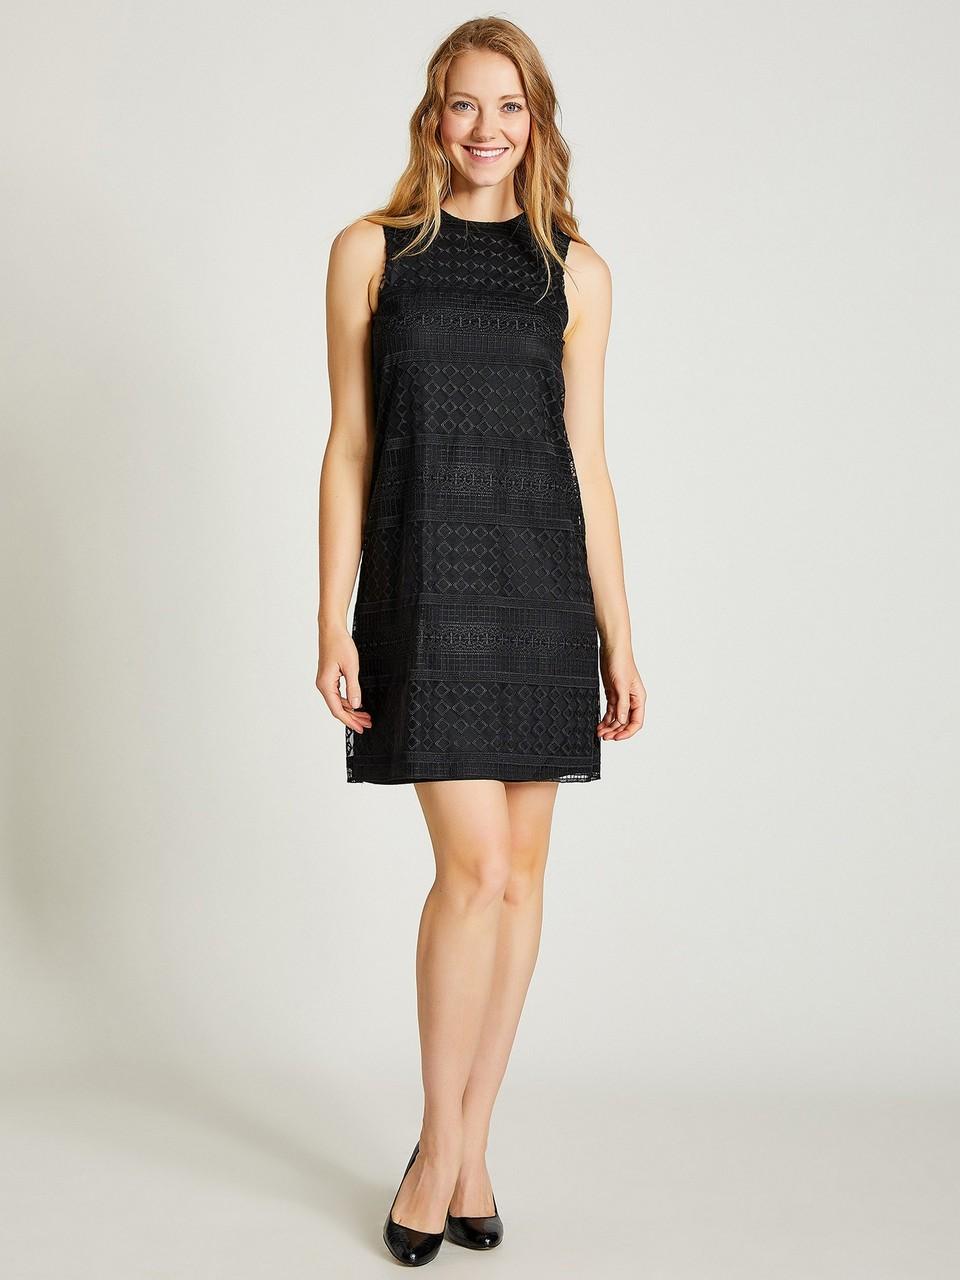 Sleveless Lace Dress